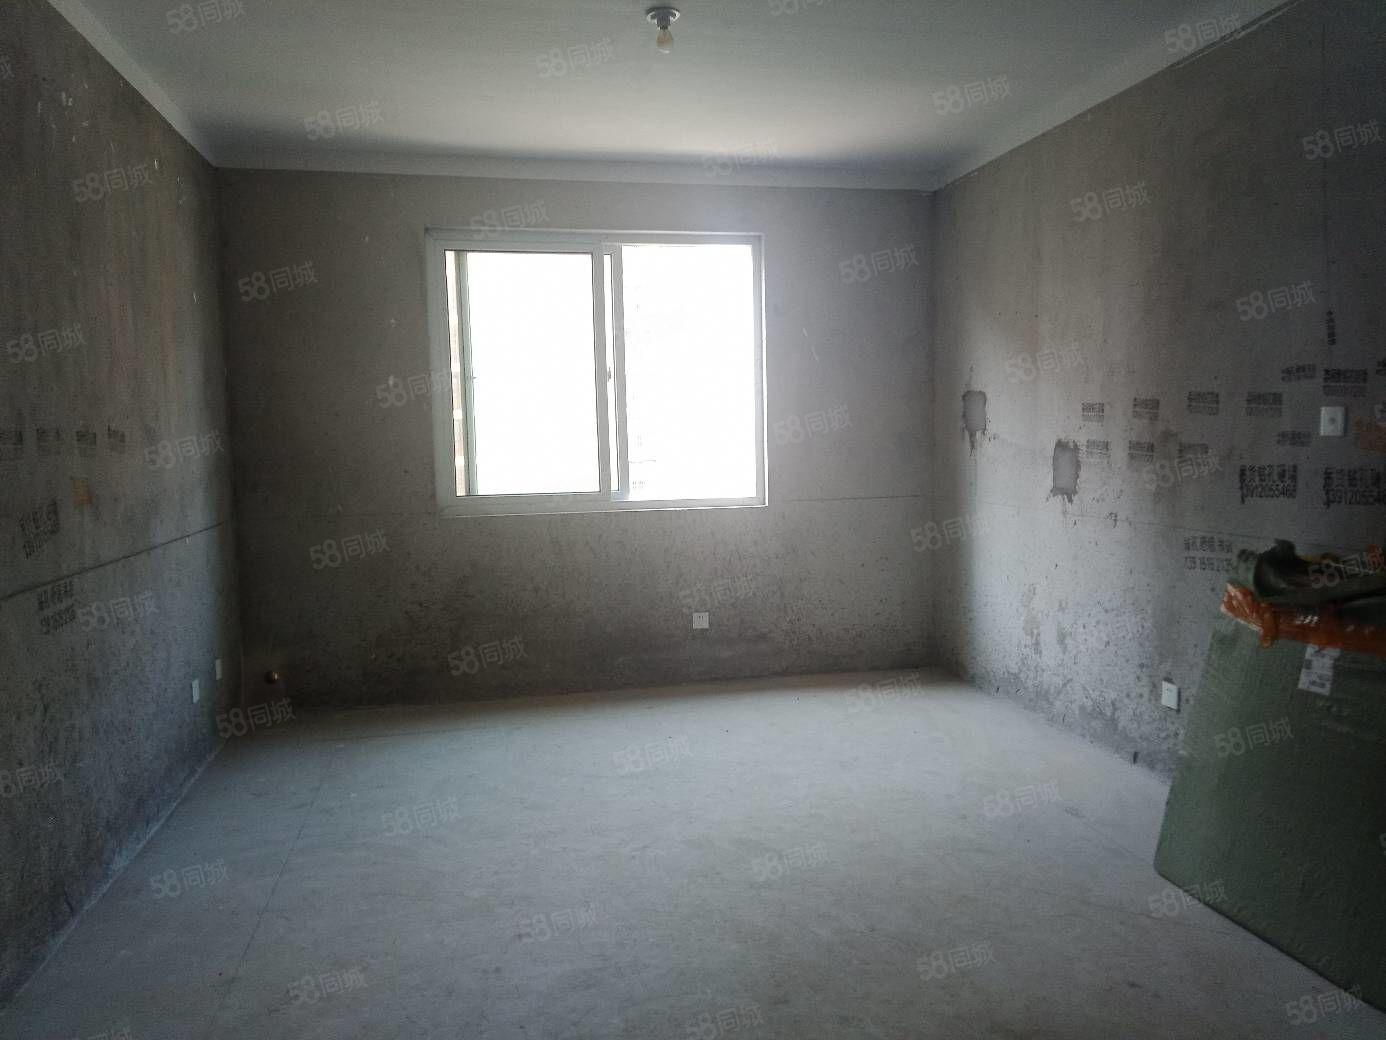 邓码2室!客厅和主卧朝南!带阁楼和露台车库!涧小县中学大润发